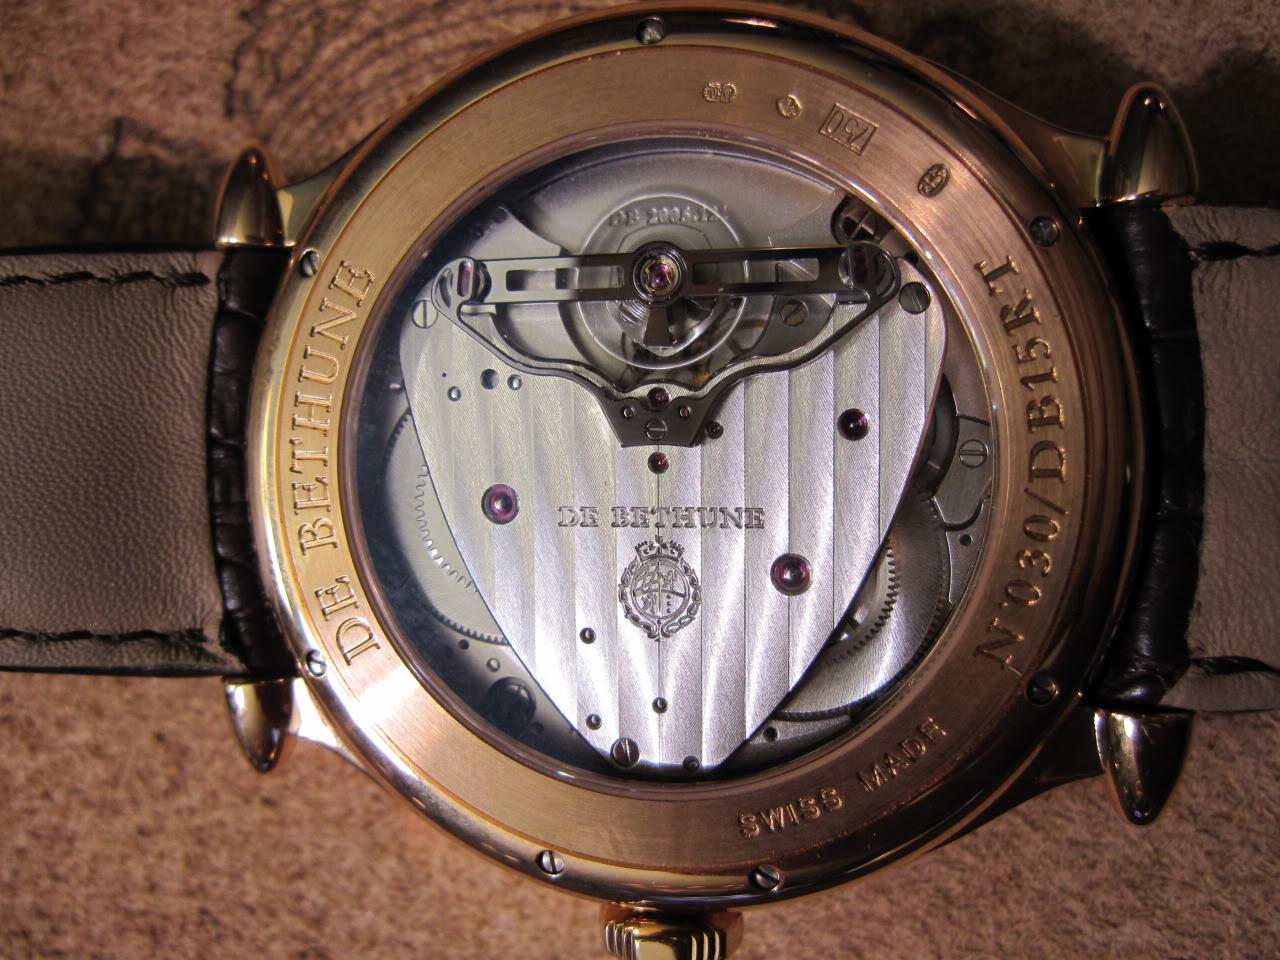 Où l'horlogerie devient art... (De Bethune inside) - Page 2 DB_SIHH2010_022